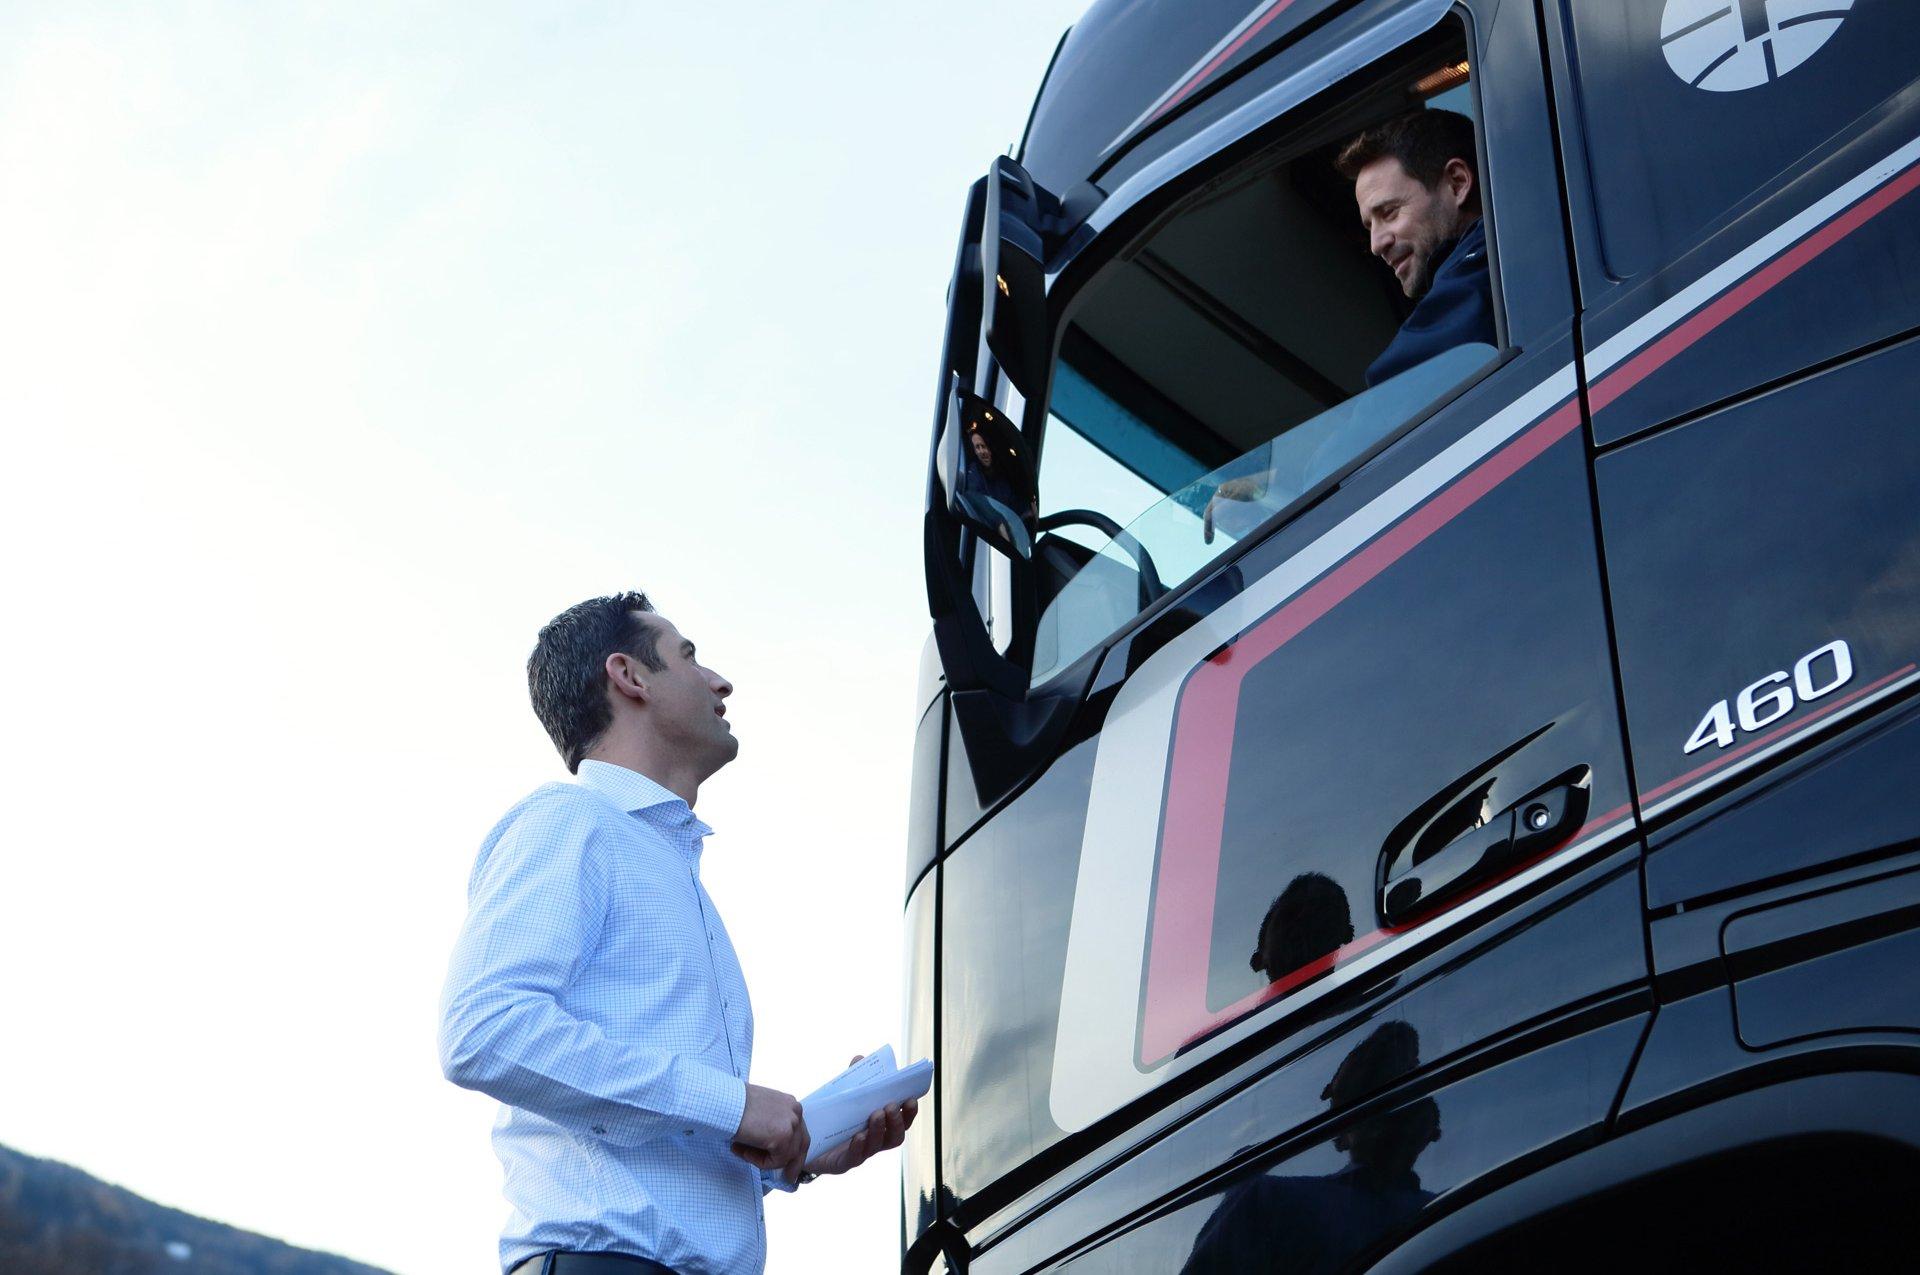 Andreas Fluckinger i samtal med en lastbilschaufför